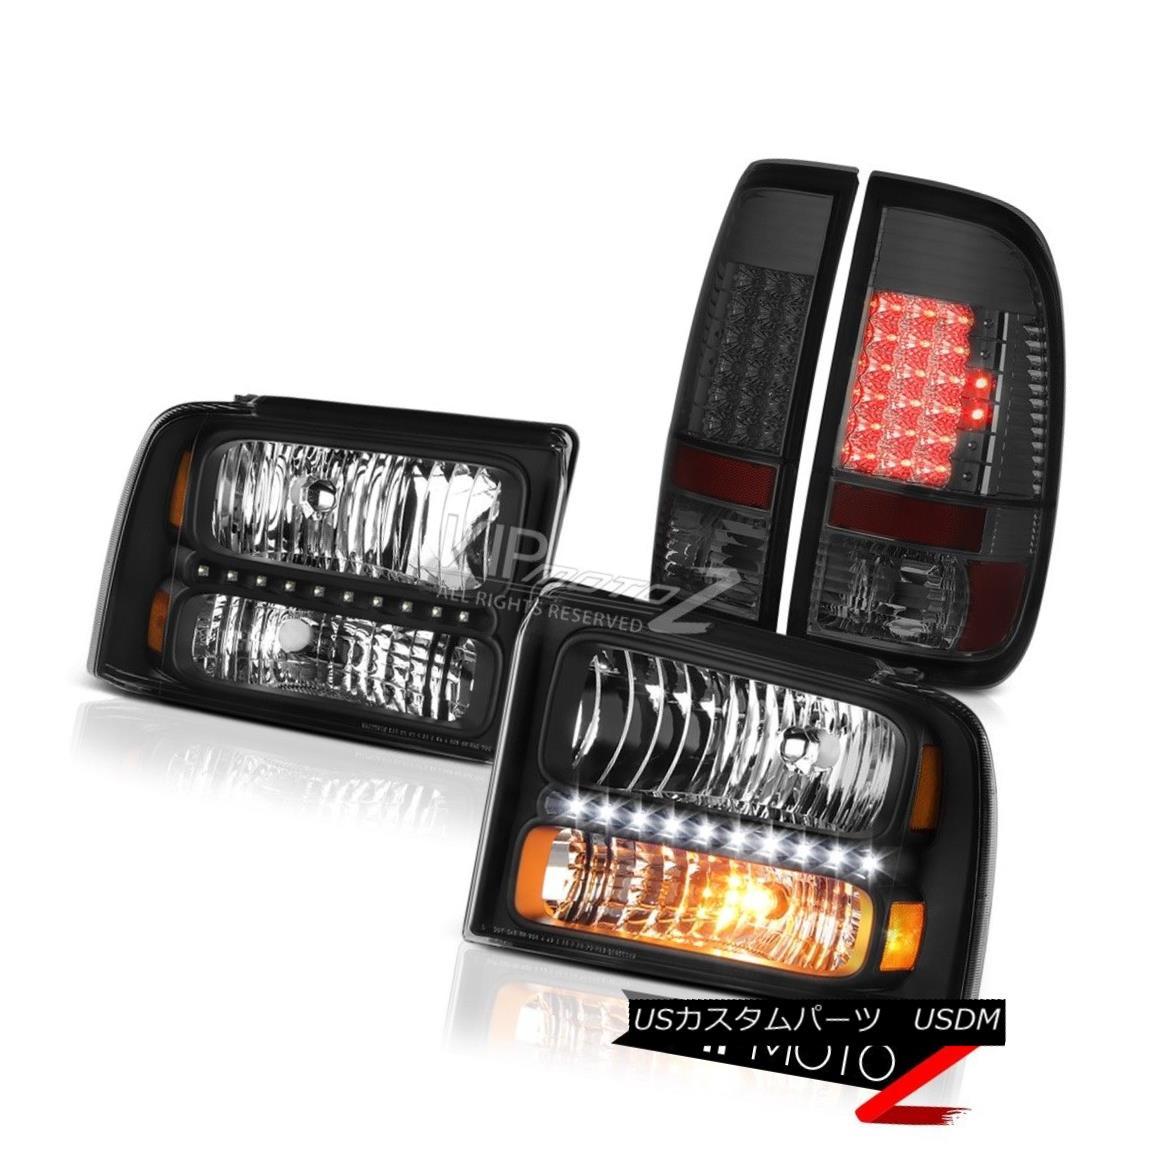 テールライト Black Headlights Dark LED Brake Tail Lights 2005 2006 2007 F250 Harley Davidson ブラックヘッドライトダークLEDブレーキテールライト2005 2006 2007 F250 Harley Davidson